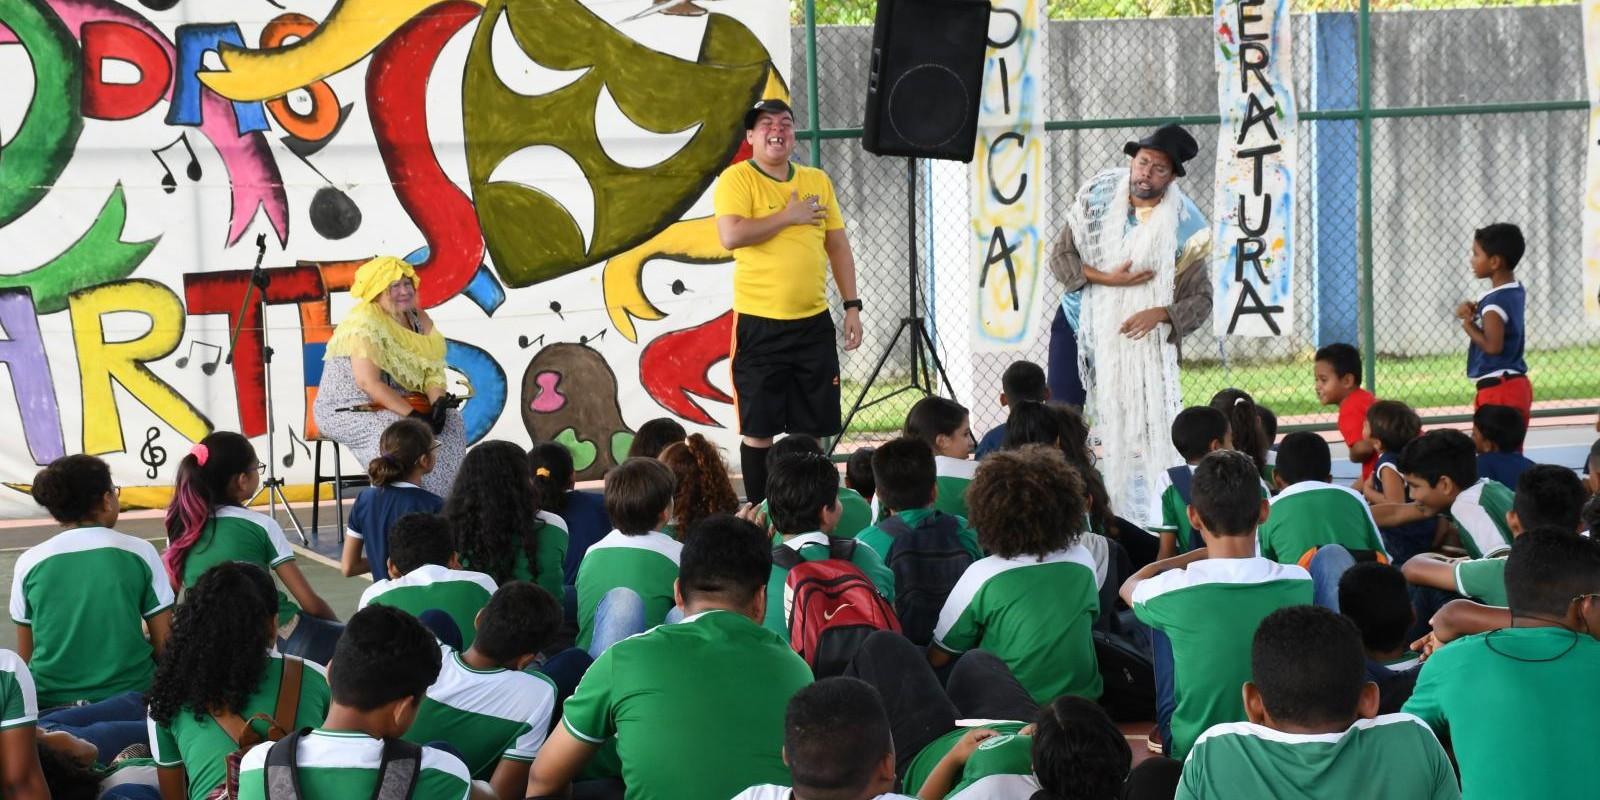 Caravana Sesc das Artes - Sesc Ler Oiapoque